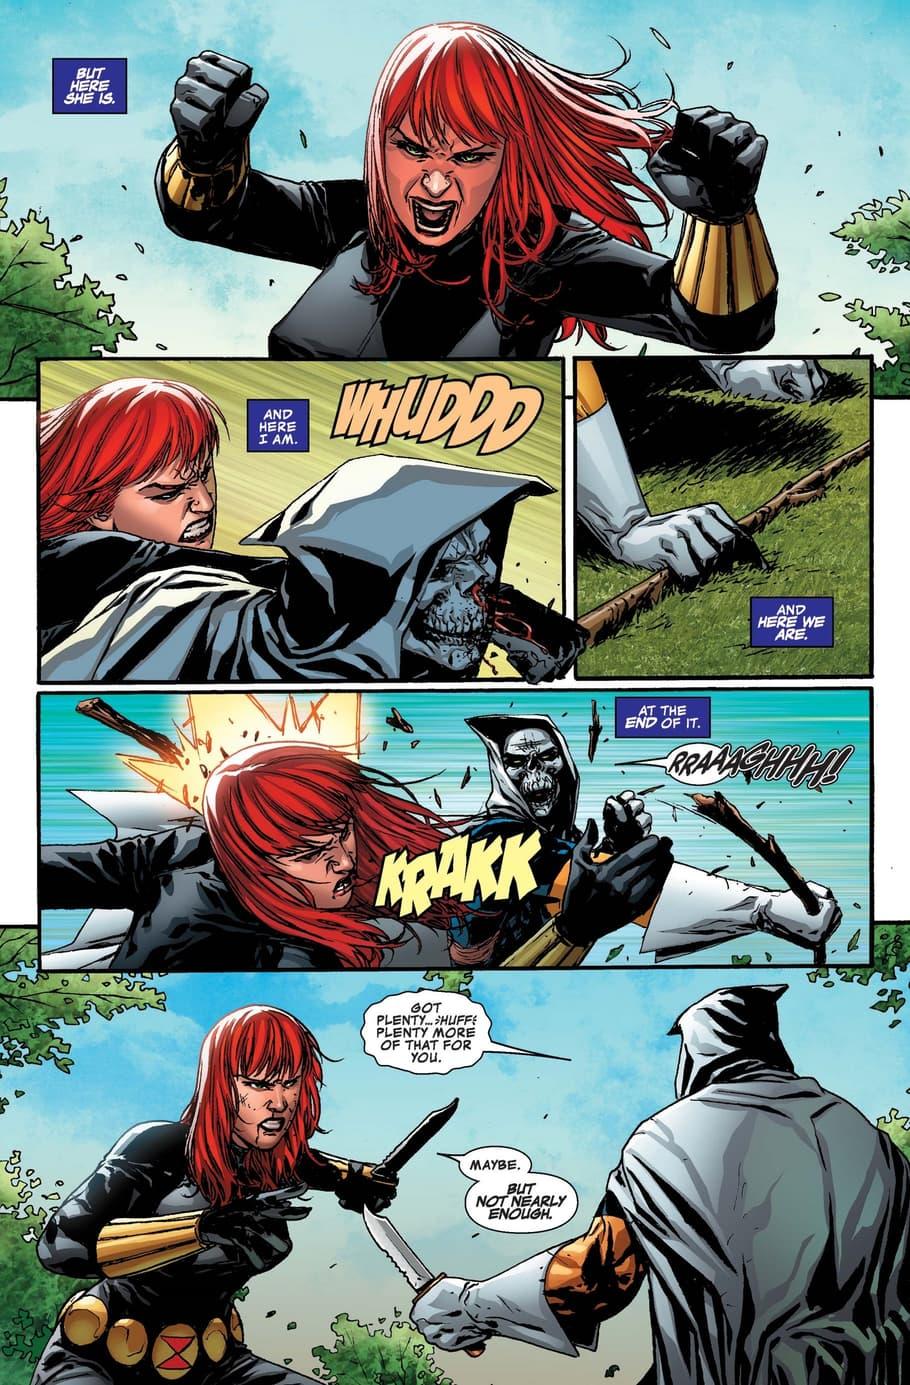 Black Widow versus Taskmaster in TASKMASTER (2020) #5.